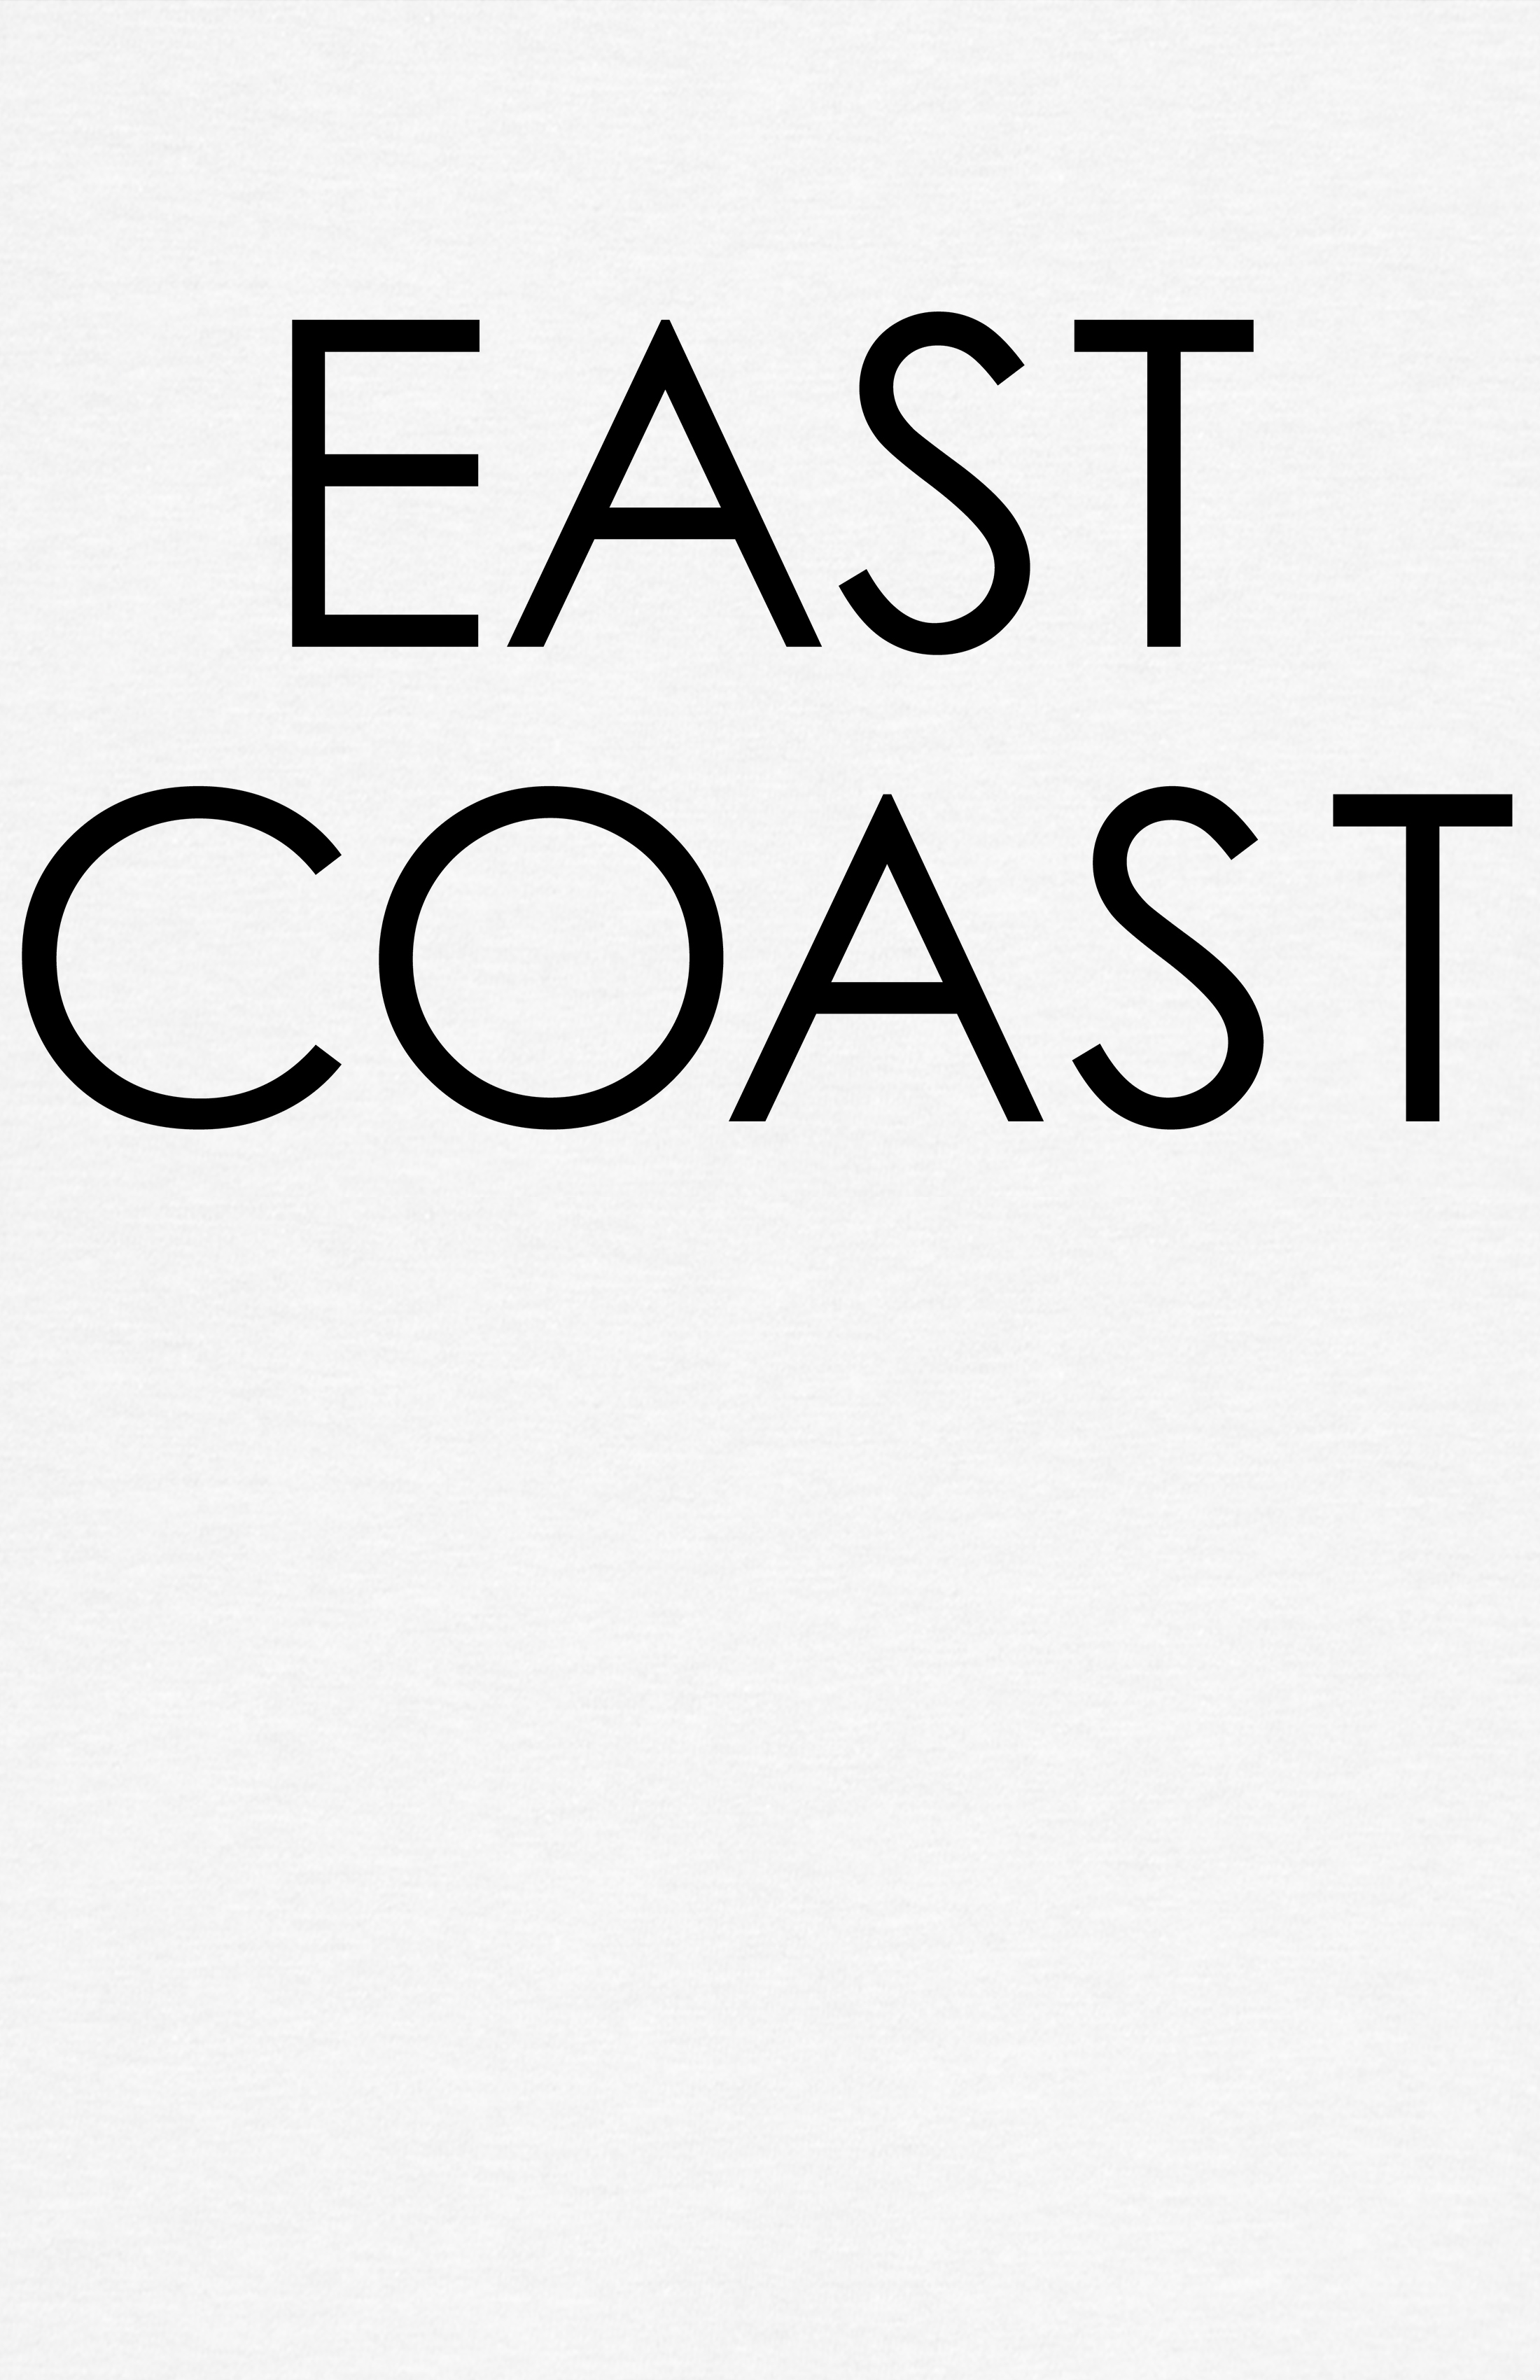 eastcoast.jpg